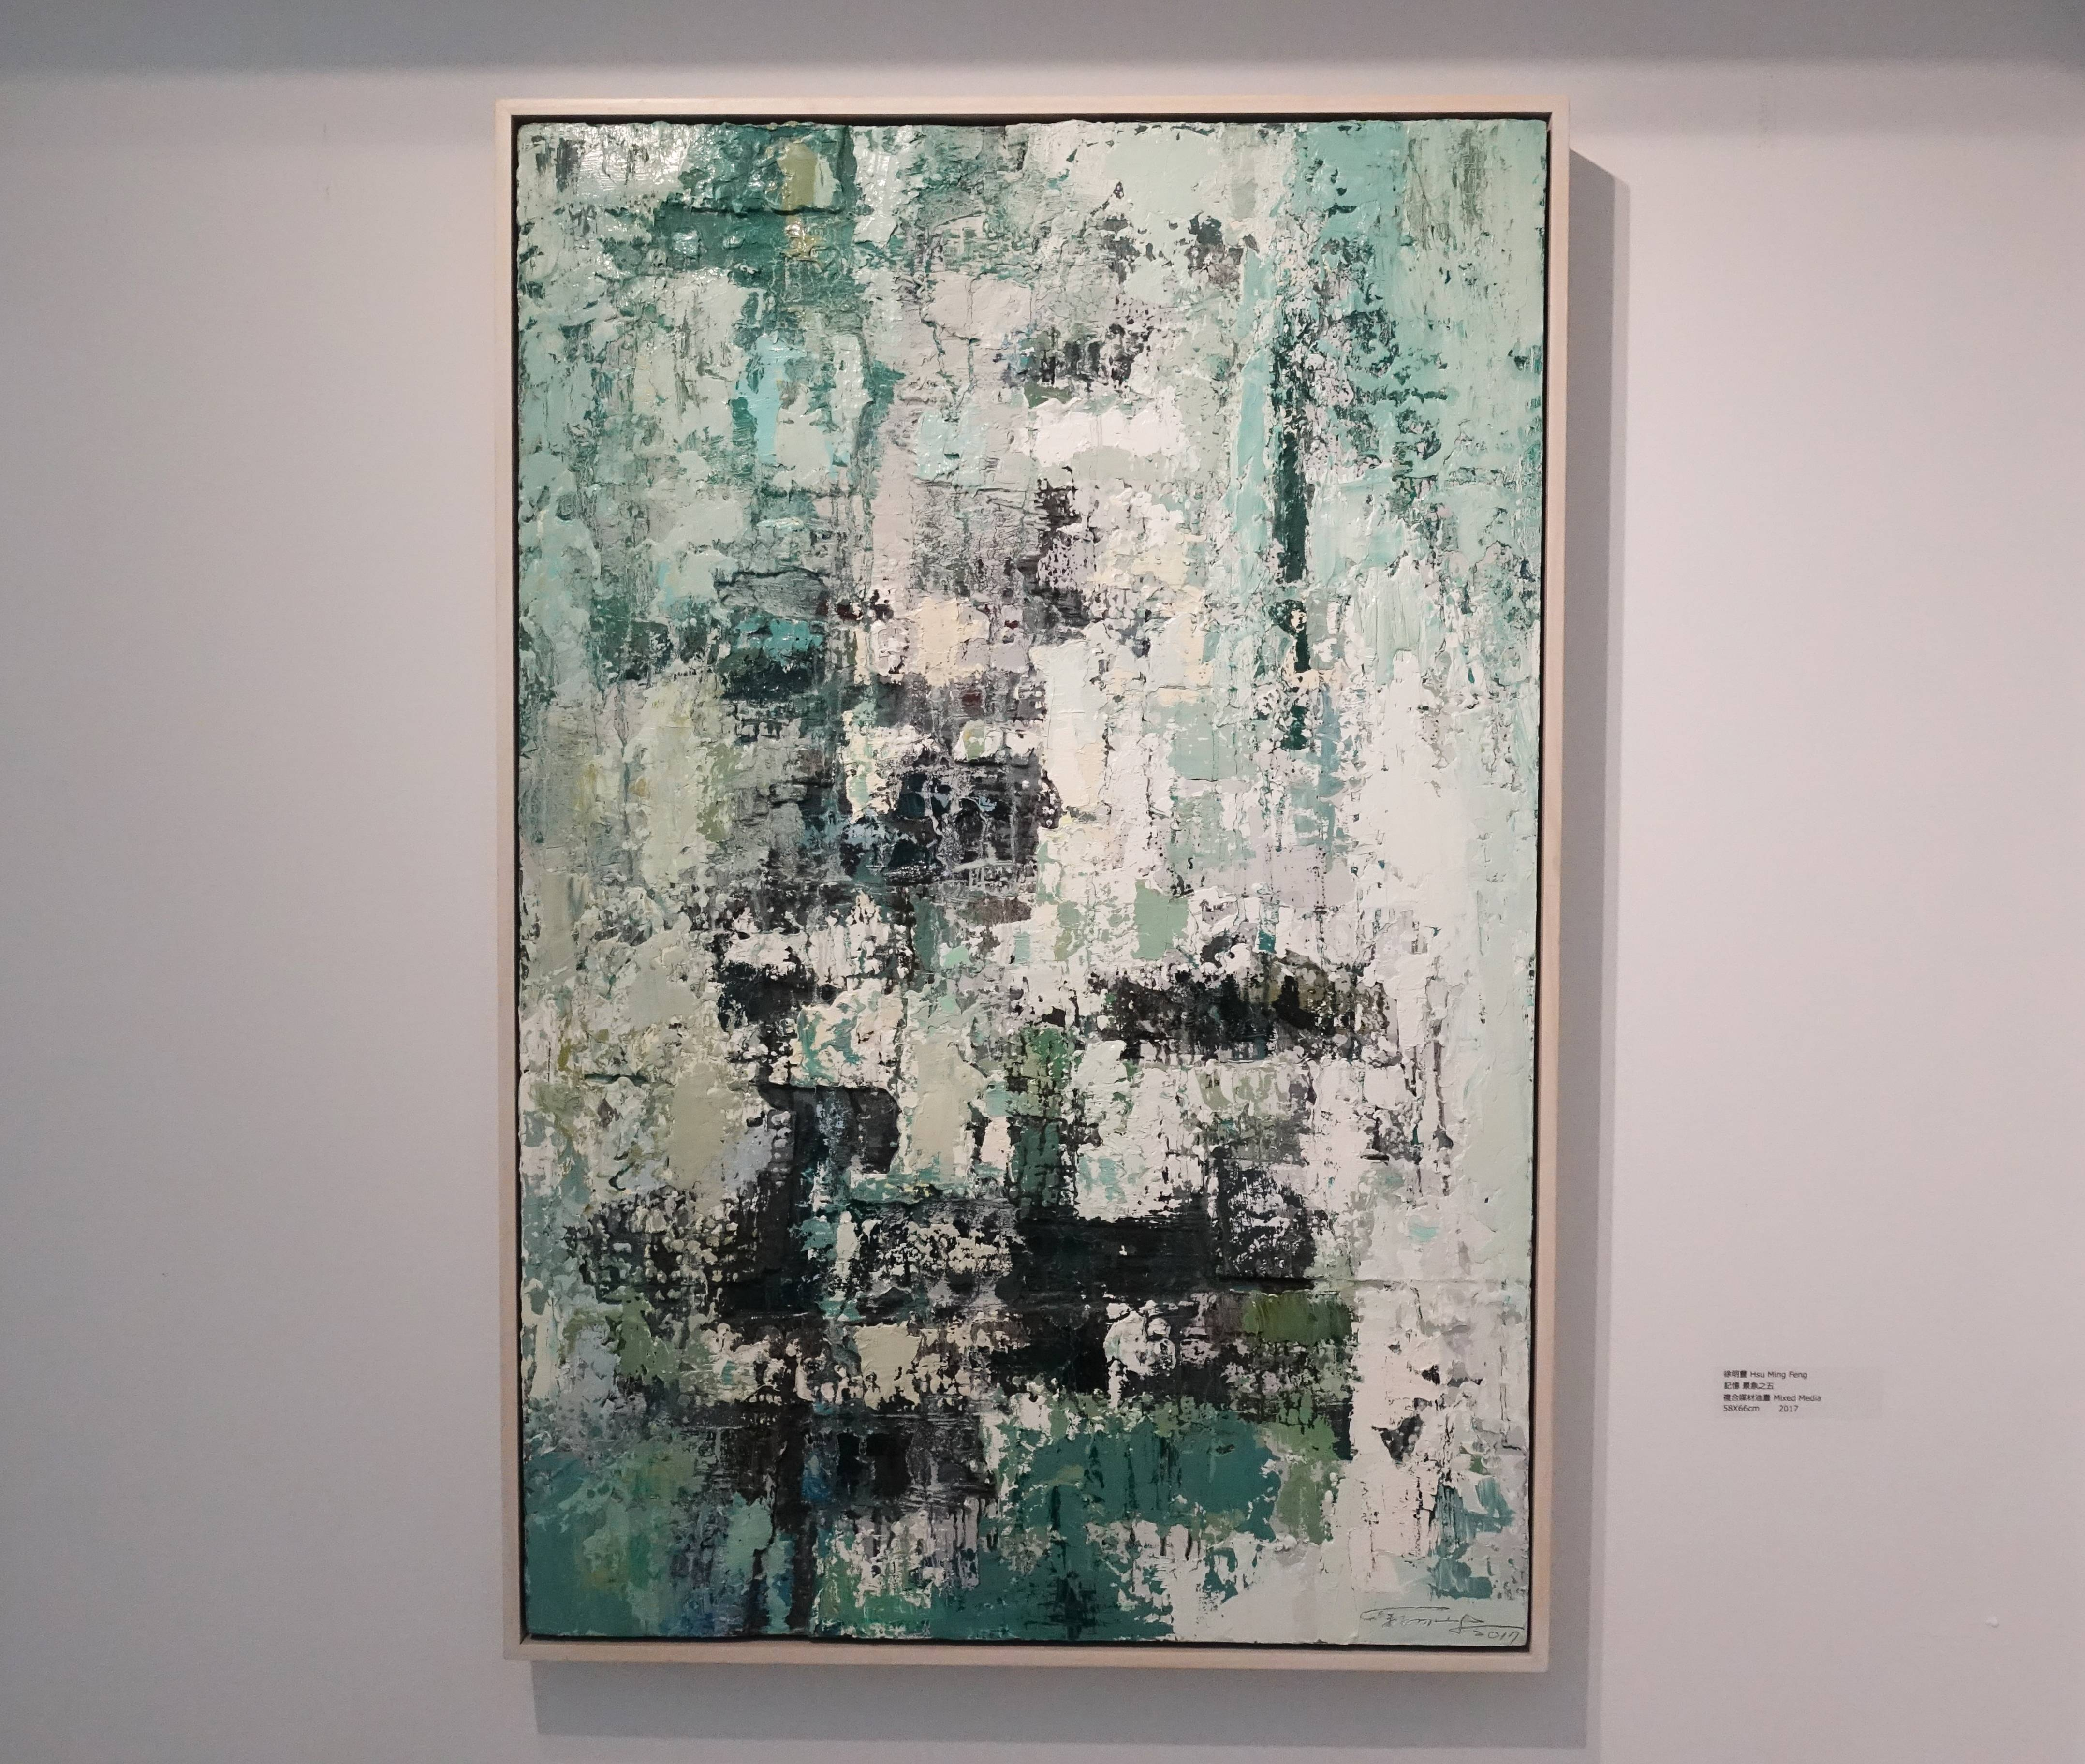 徐明豐,《記憶‧風景之五》,38.5 x 51 cm,複合媒材,2018。